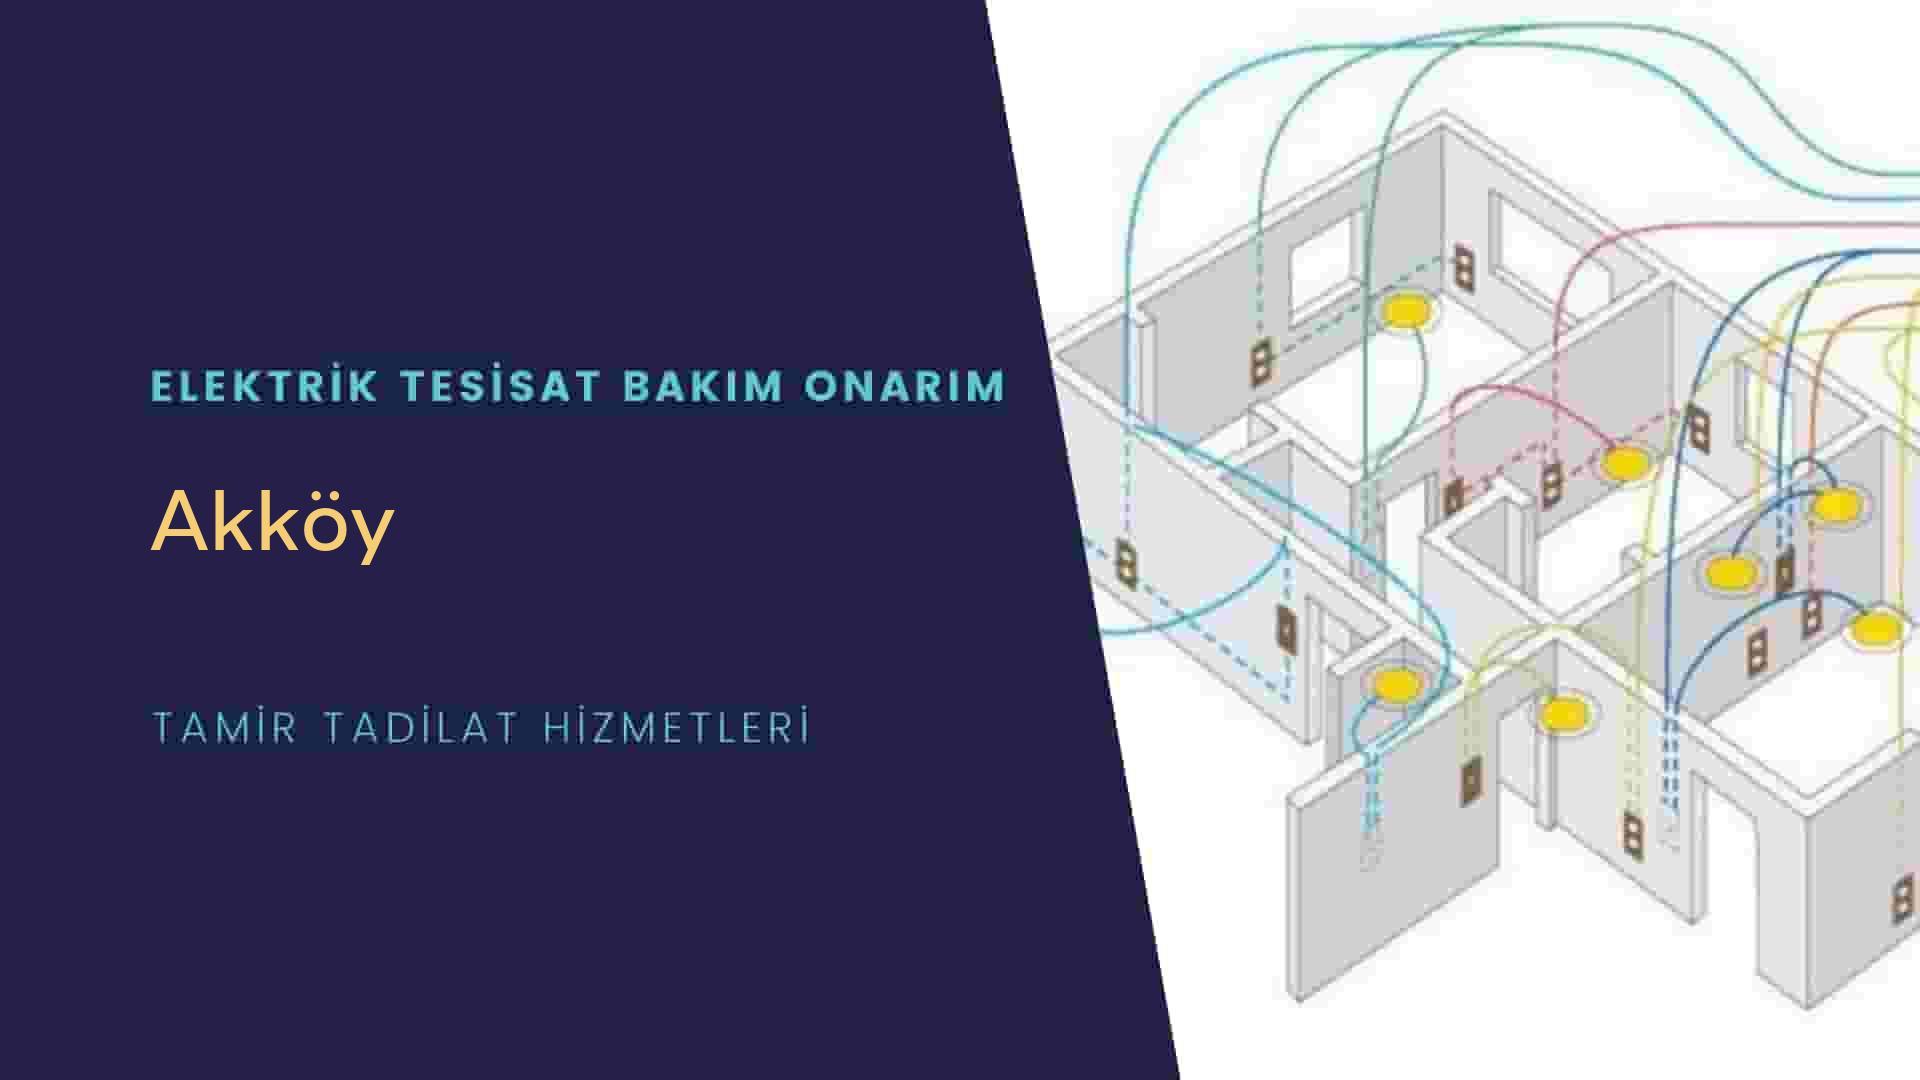 Akköy'de elektrik tesisatıustalarımı arıyorsunuz doğru adrestenizi Akköy elektrik tesisatı ustalarımız 7/24 sizlere hizmet vermekten mutluluk duyar.